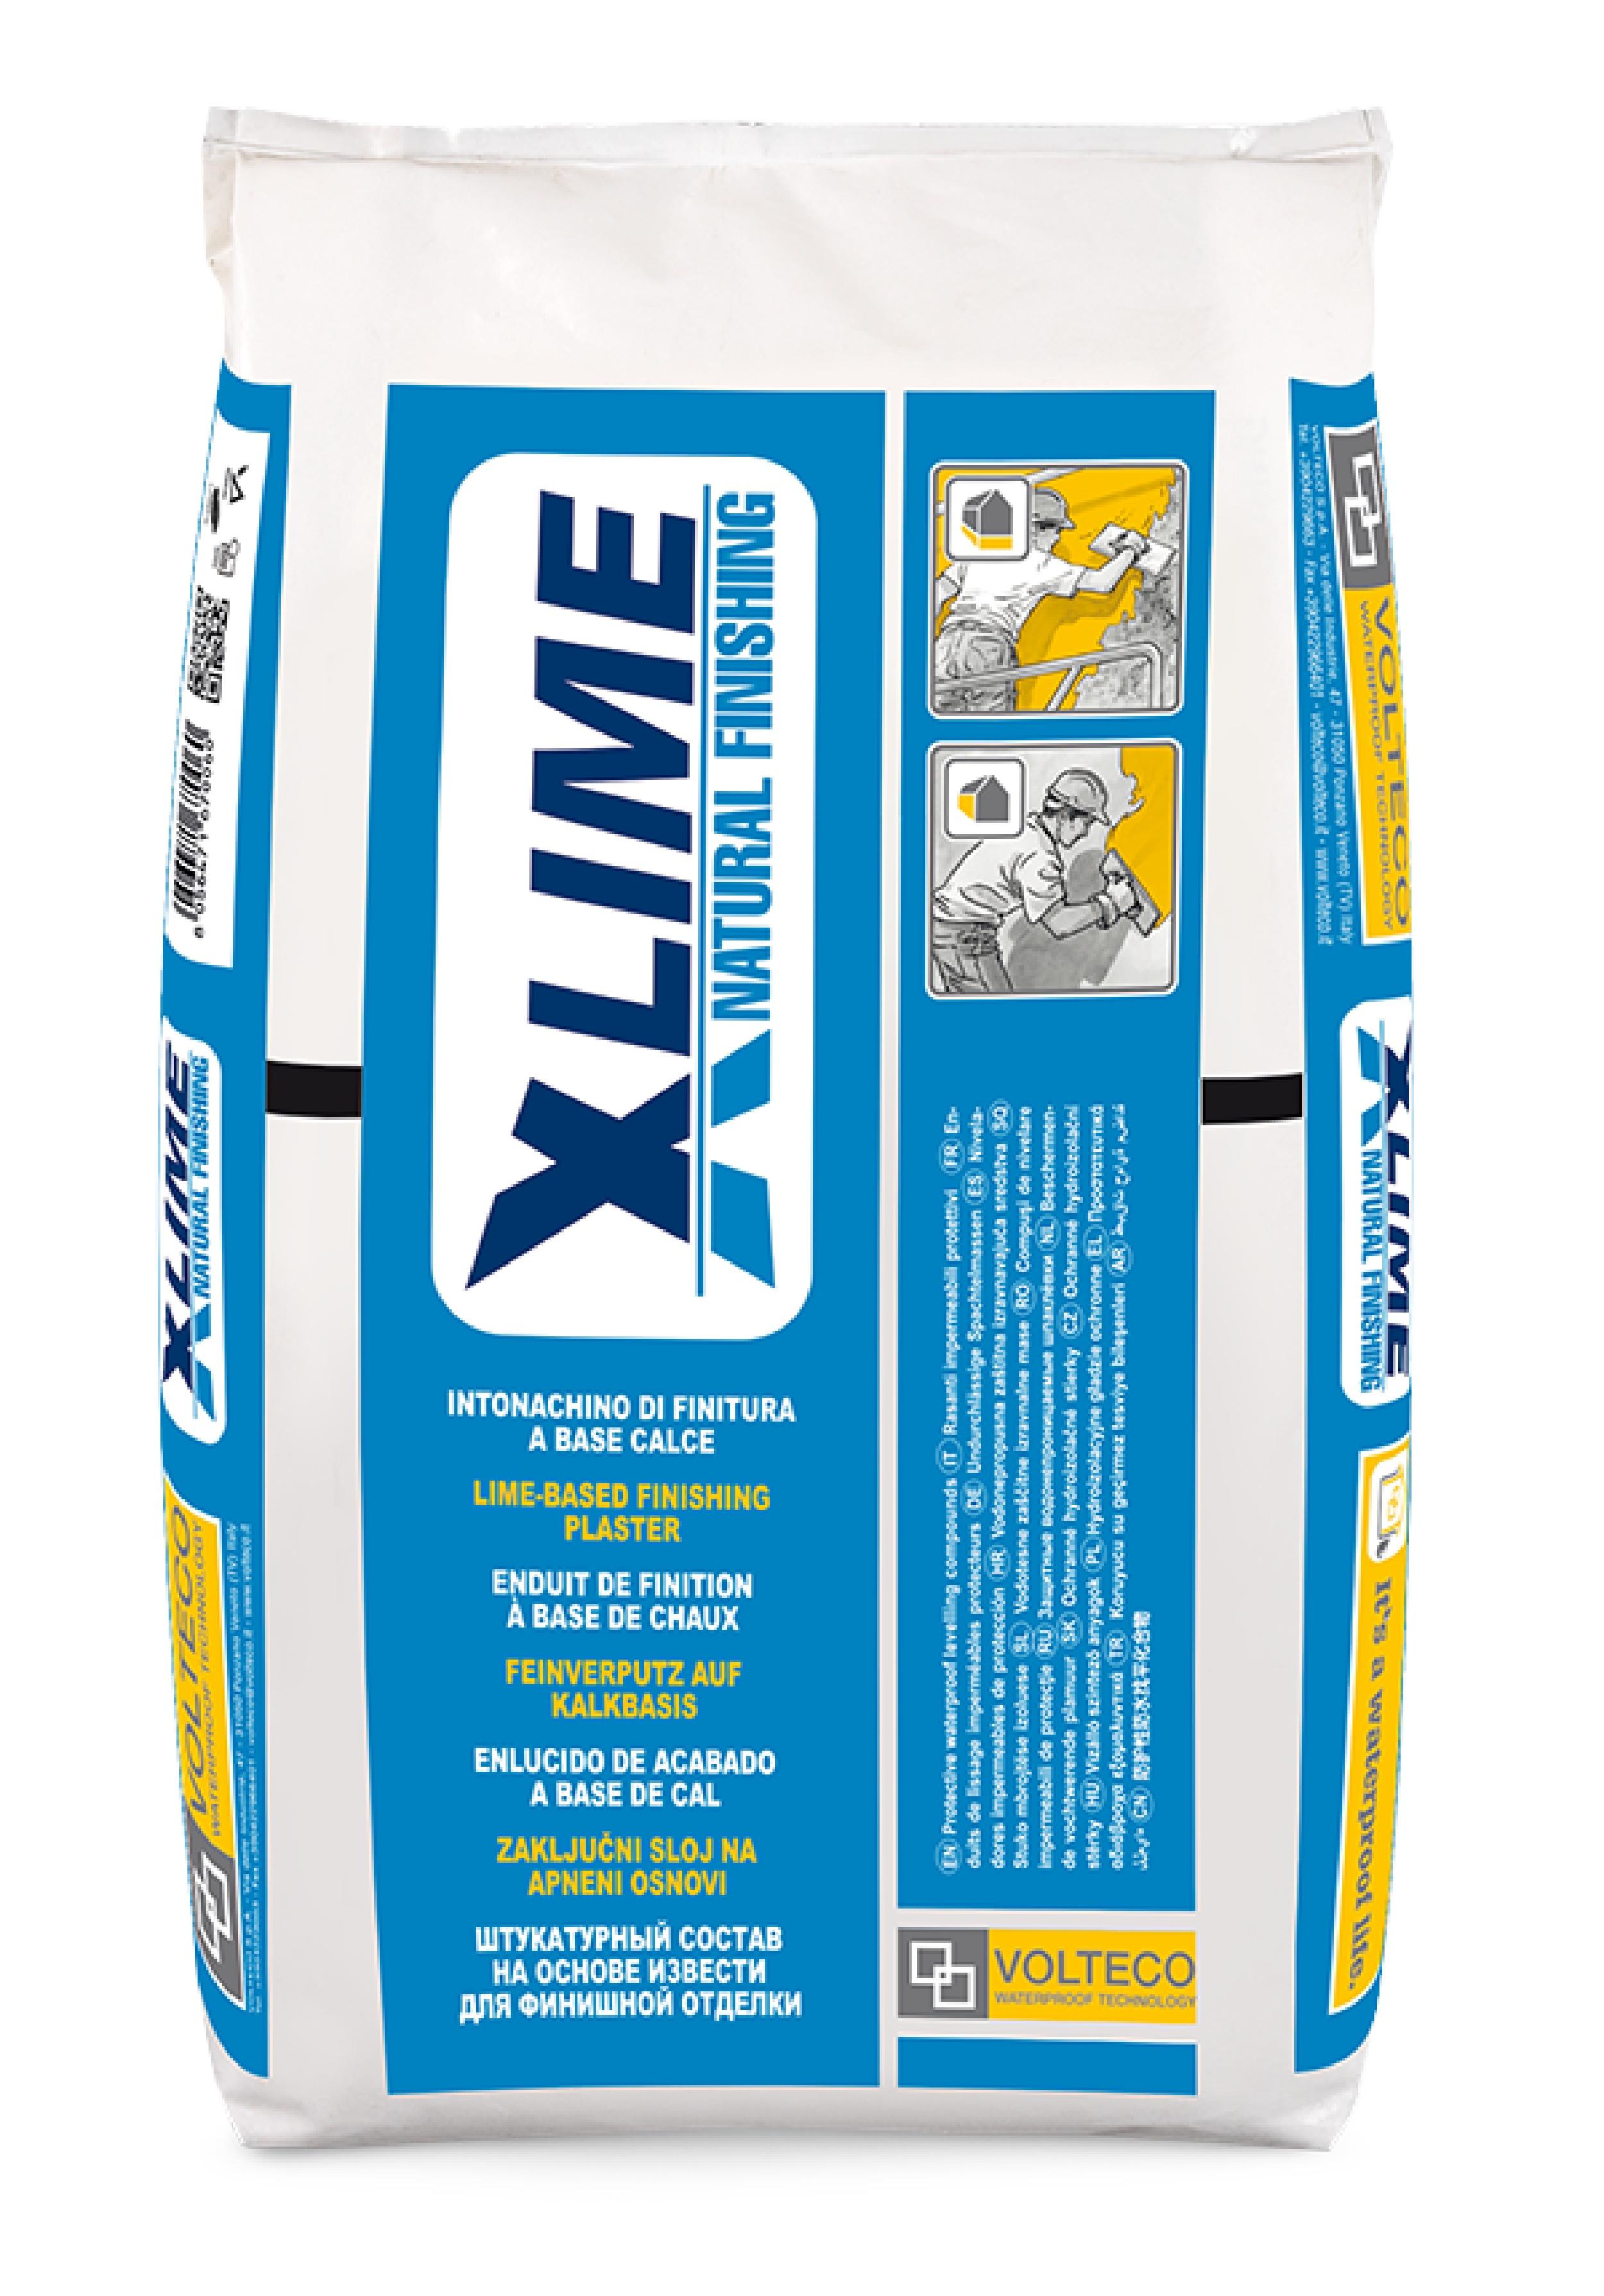 X-lime: Witte, voorgedoseerde waterafstotende afwerkpleister op kalkcementbasis - Promacom